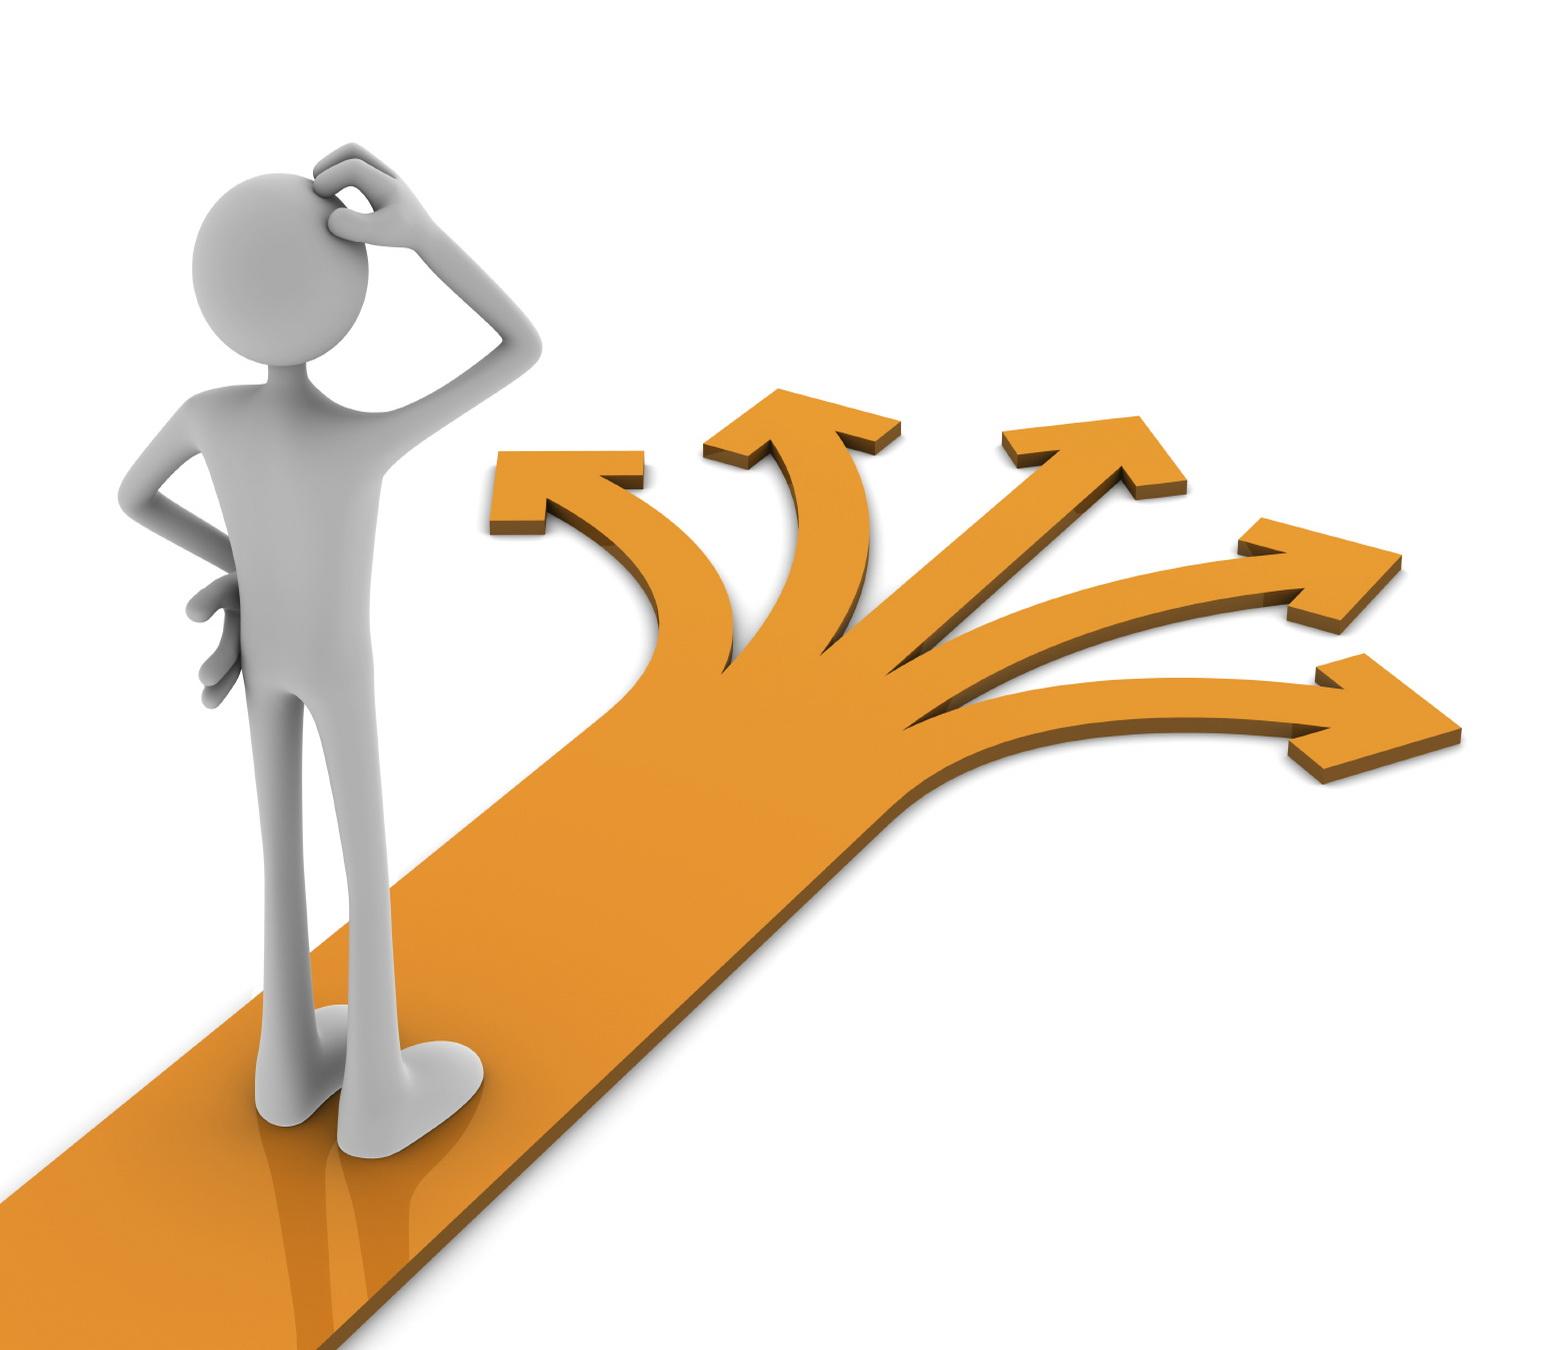 day nail kết hợp hướng dẫn khởi nghiệp